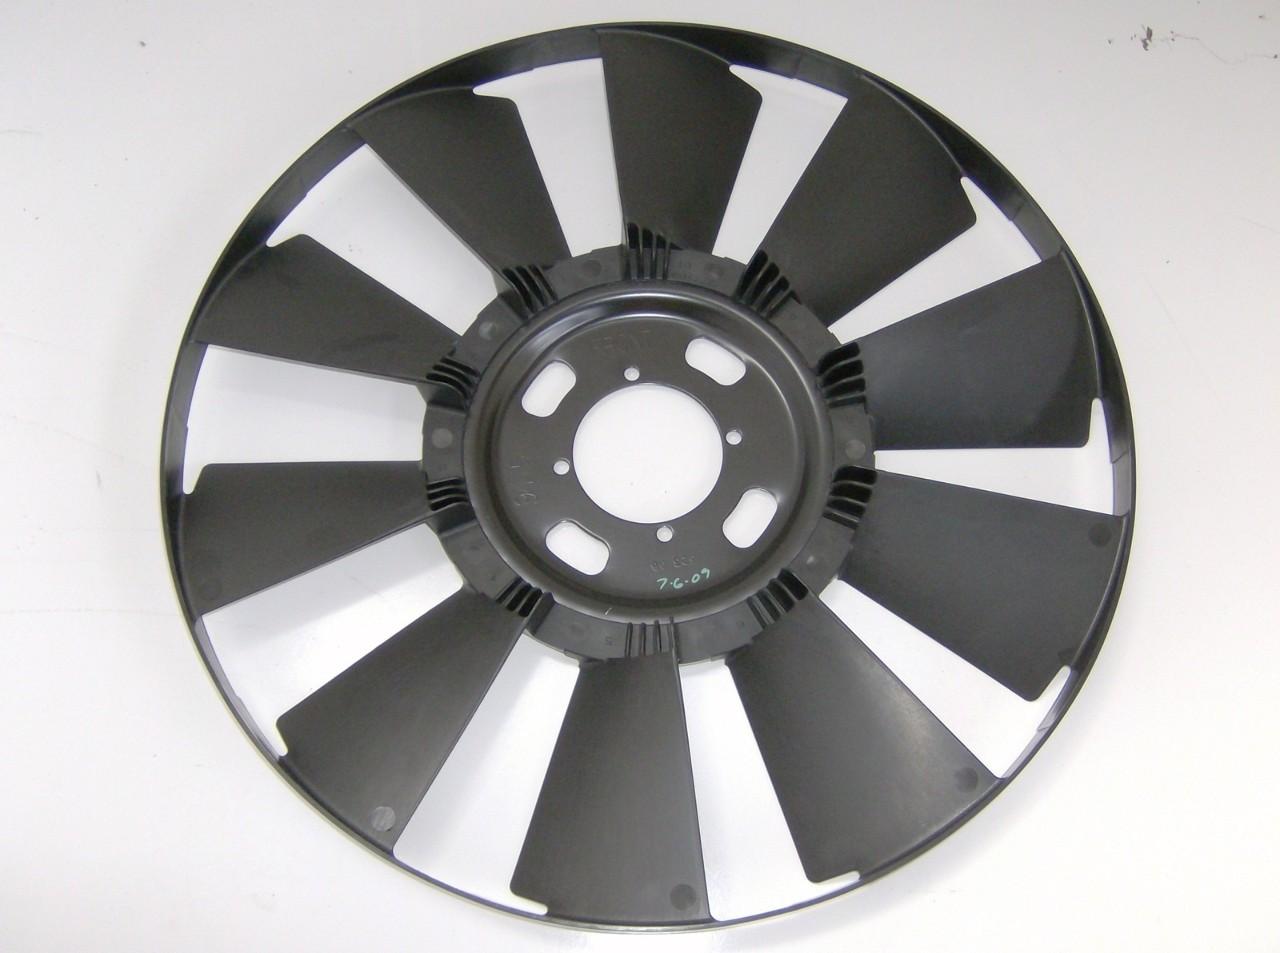 Motor Cooling Blades : Engine cooling fan blade c topkick l